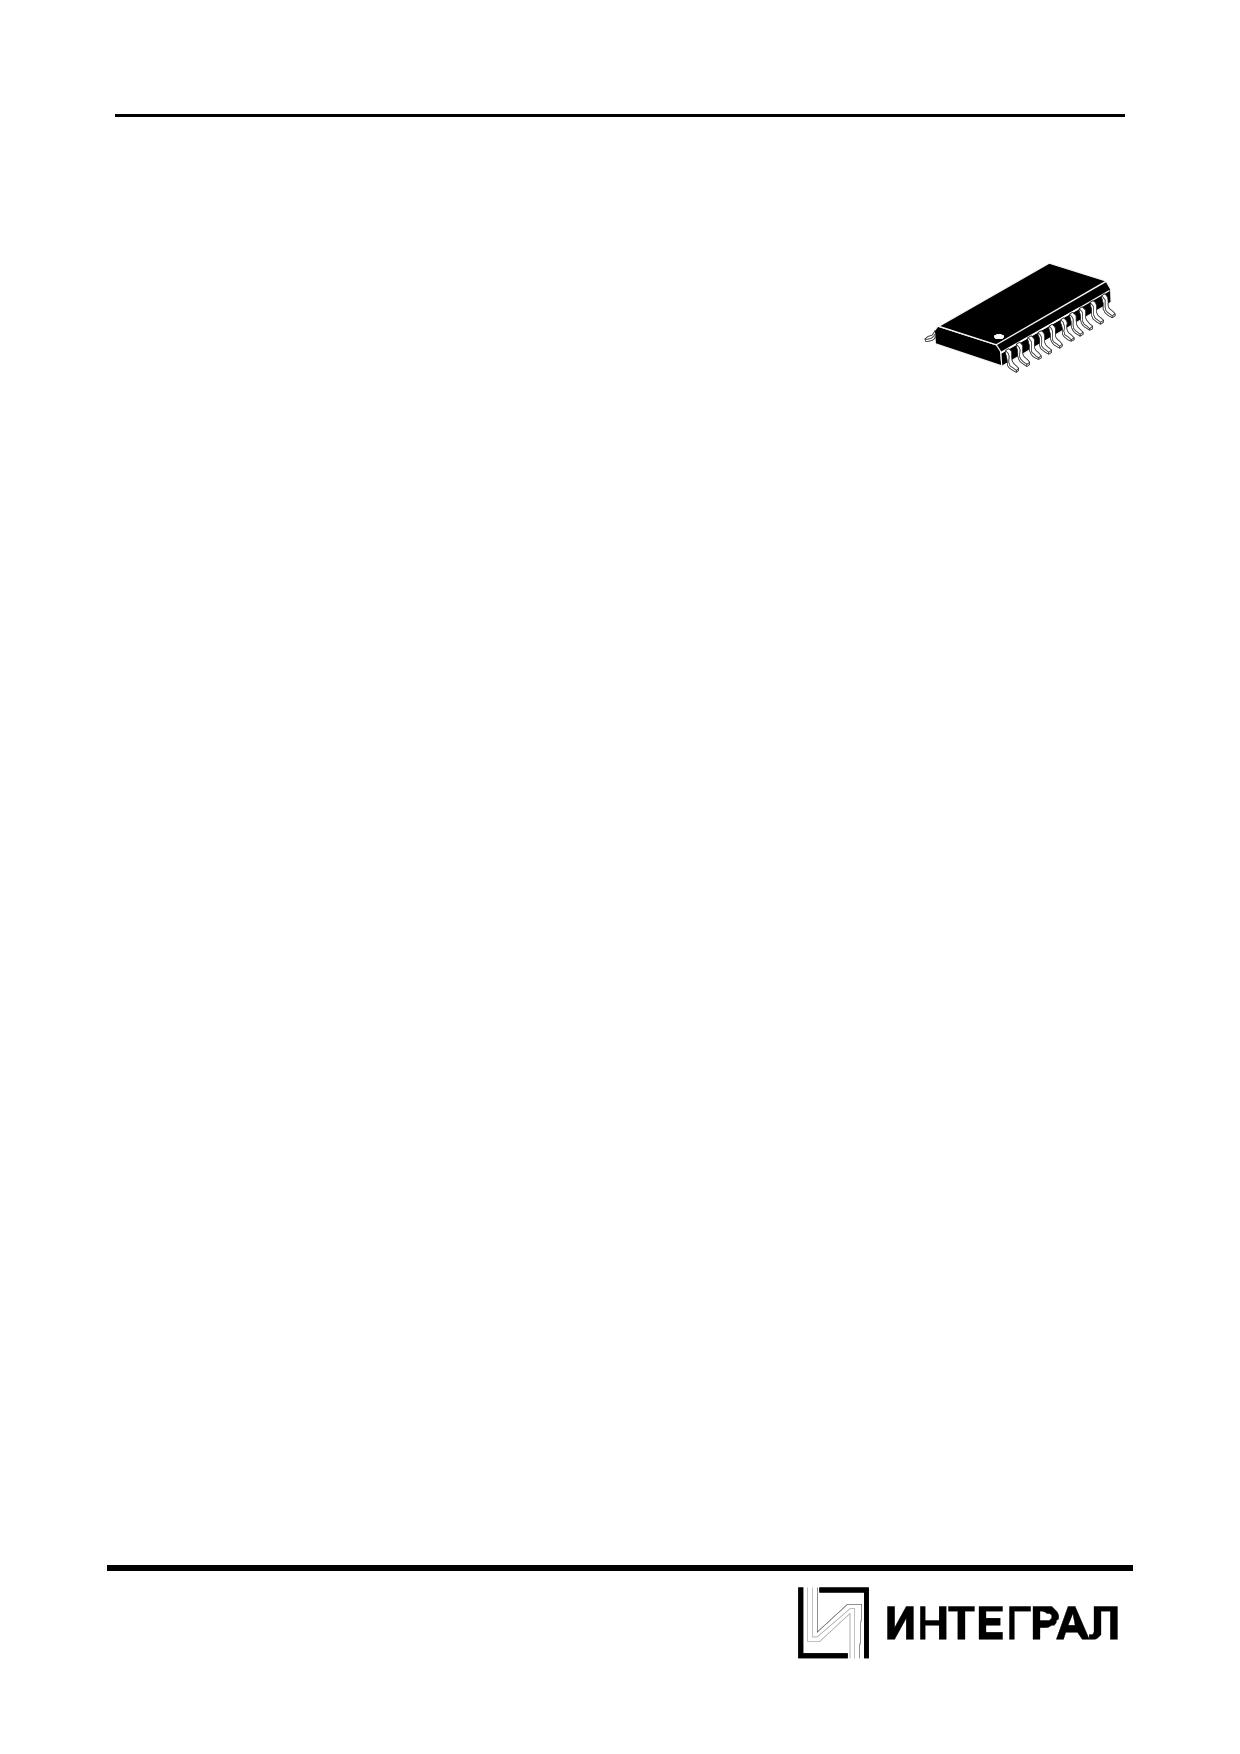 IN90S2313D Datenblatt PDF